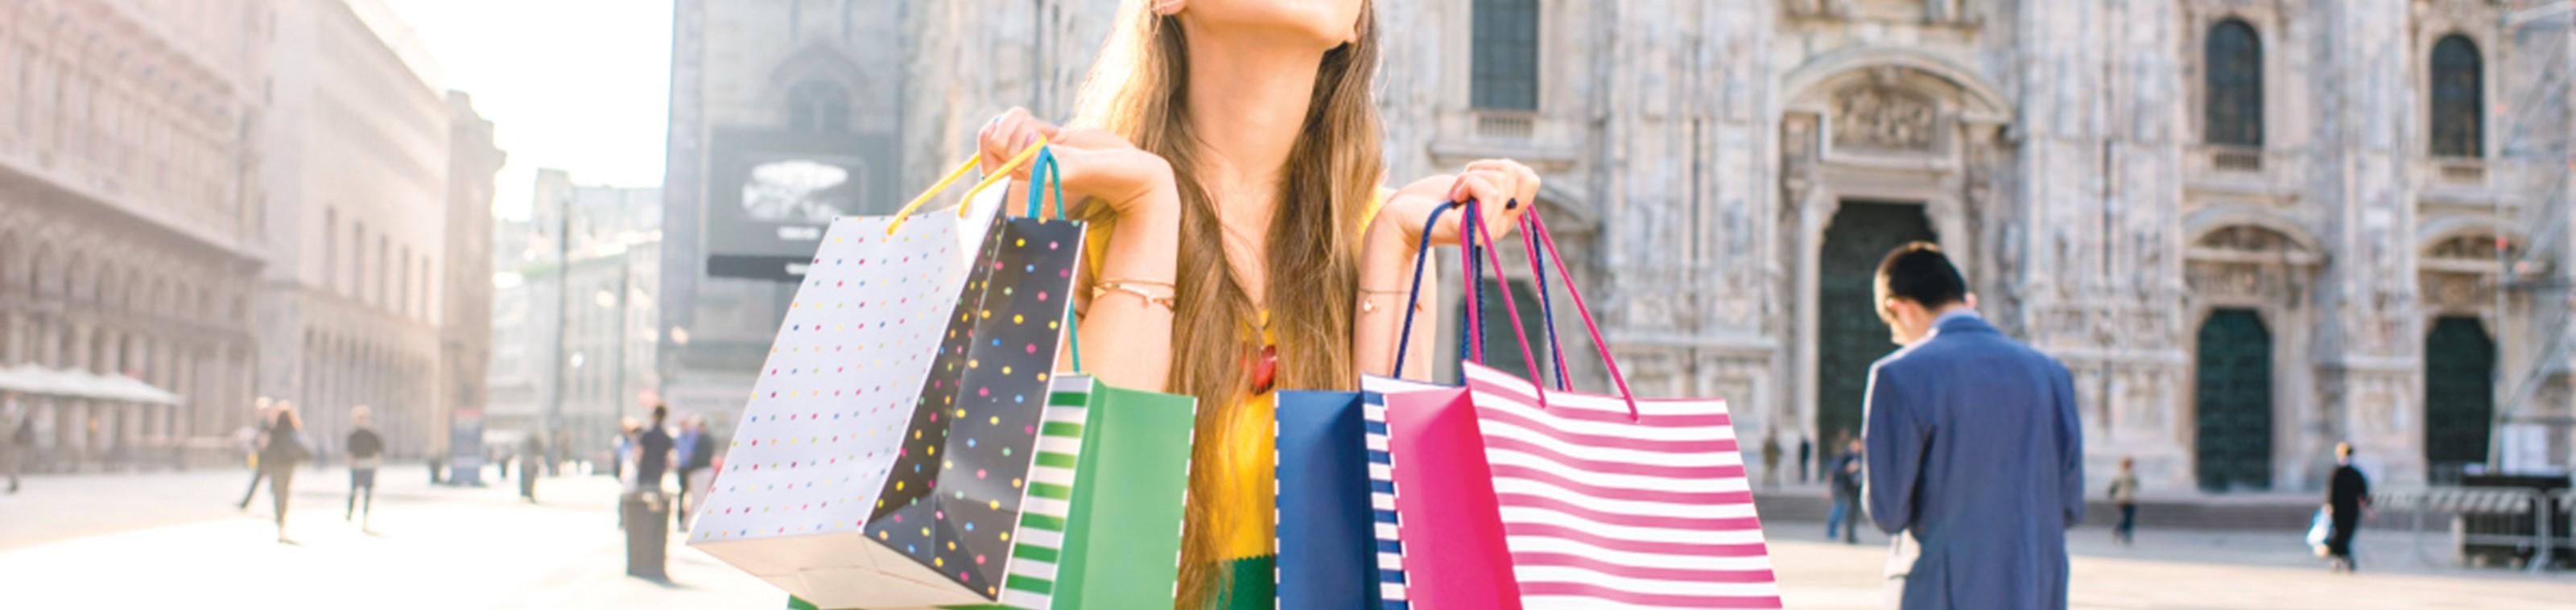 Ontdek shopping walhalla Milaan